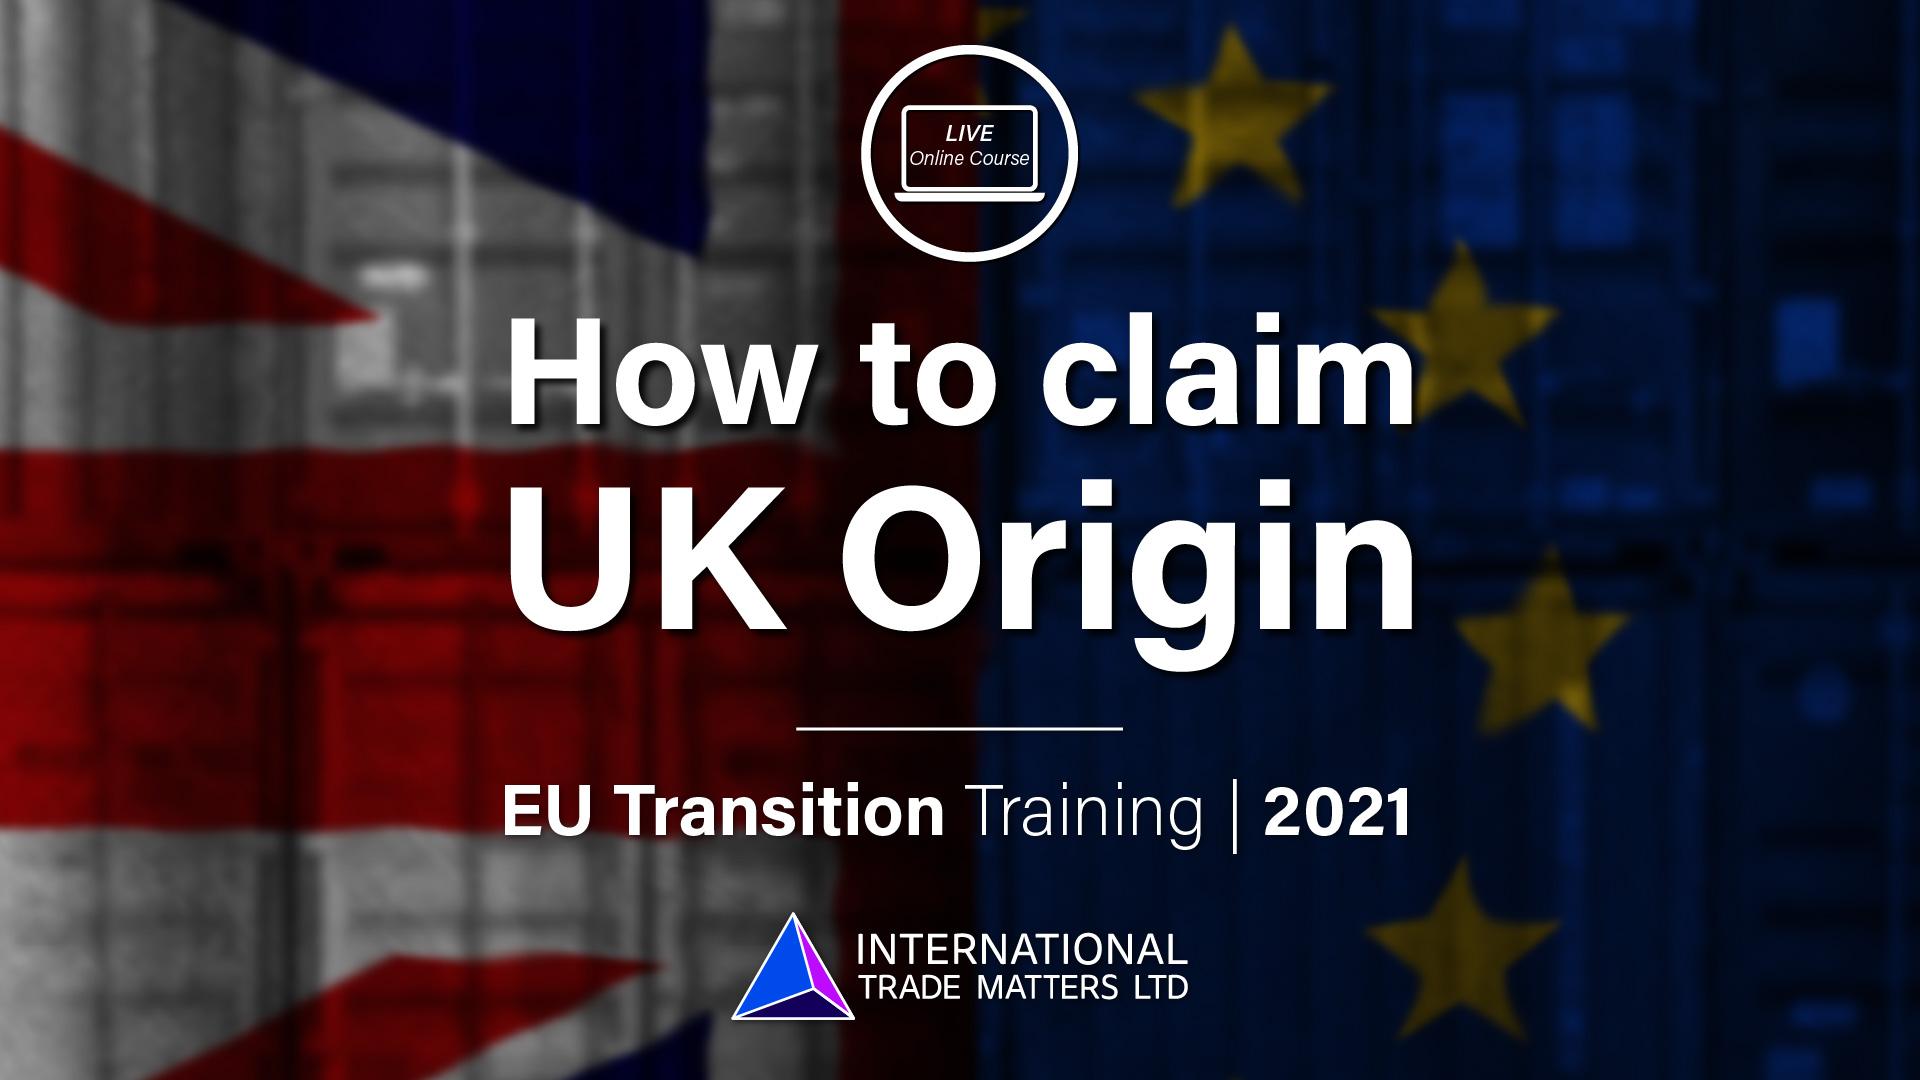 How to Claim UK Origin - Online EU Transition Training